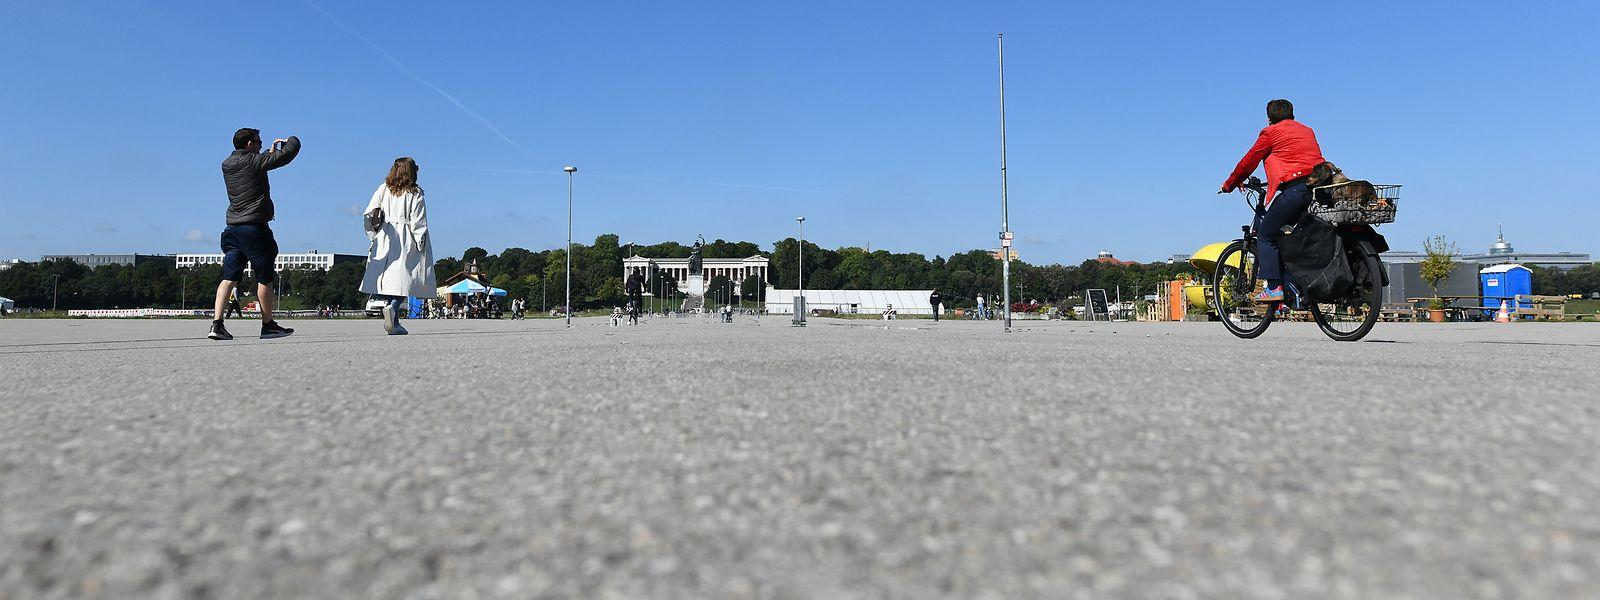 Kalter Beton statt Volksfestatmosphäre: Touristen und Einheimische gehen am Samstag über die leere Theresienwiese.